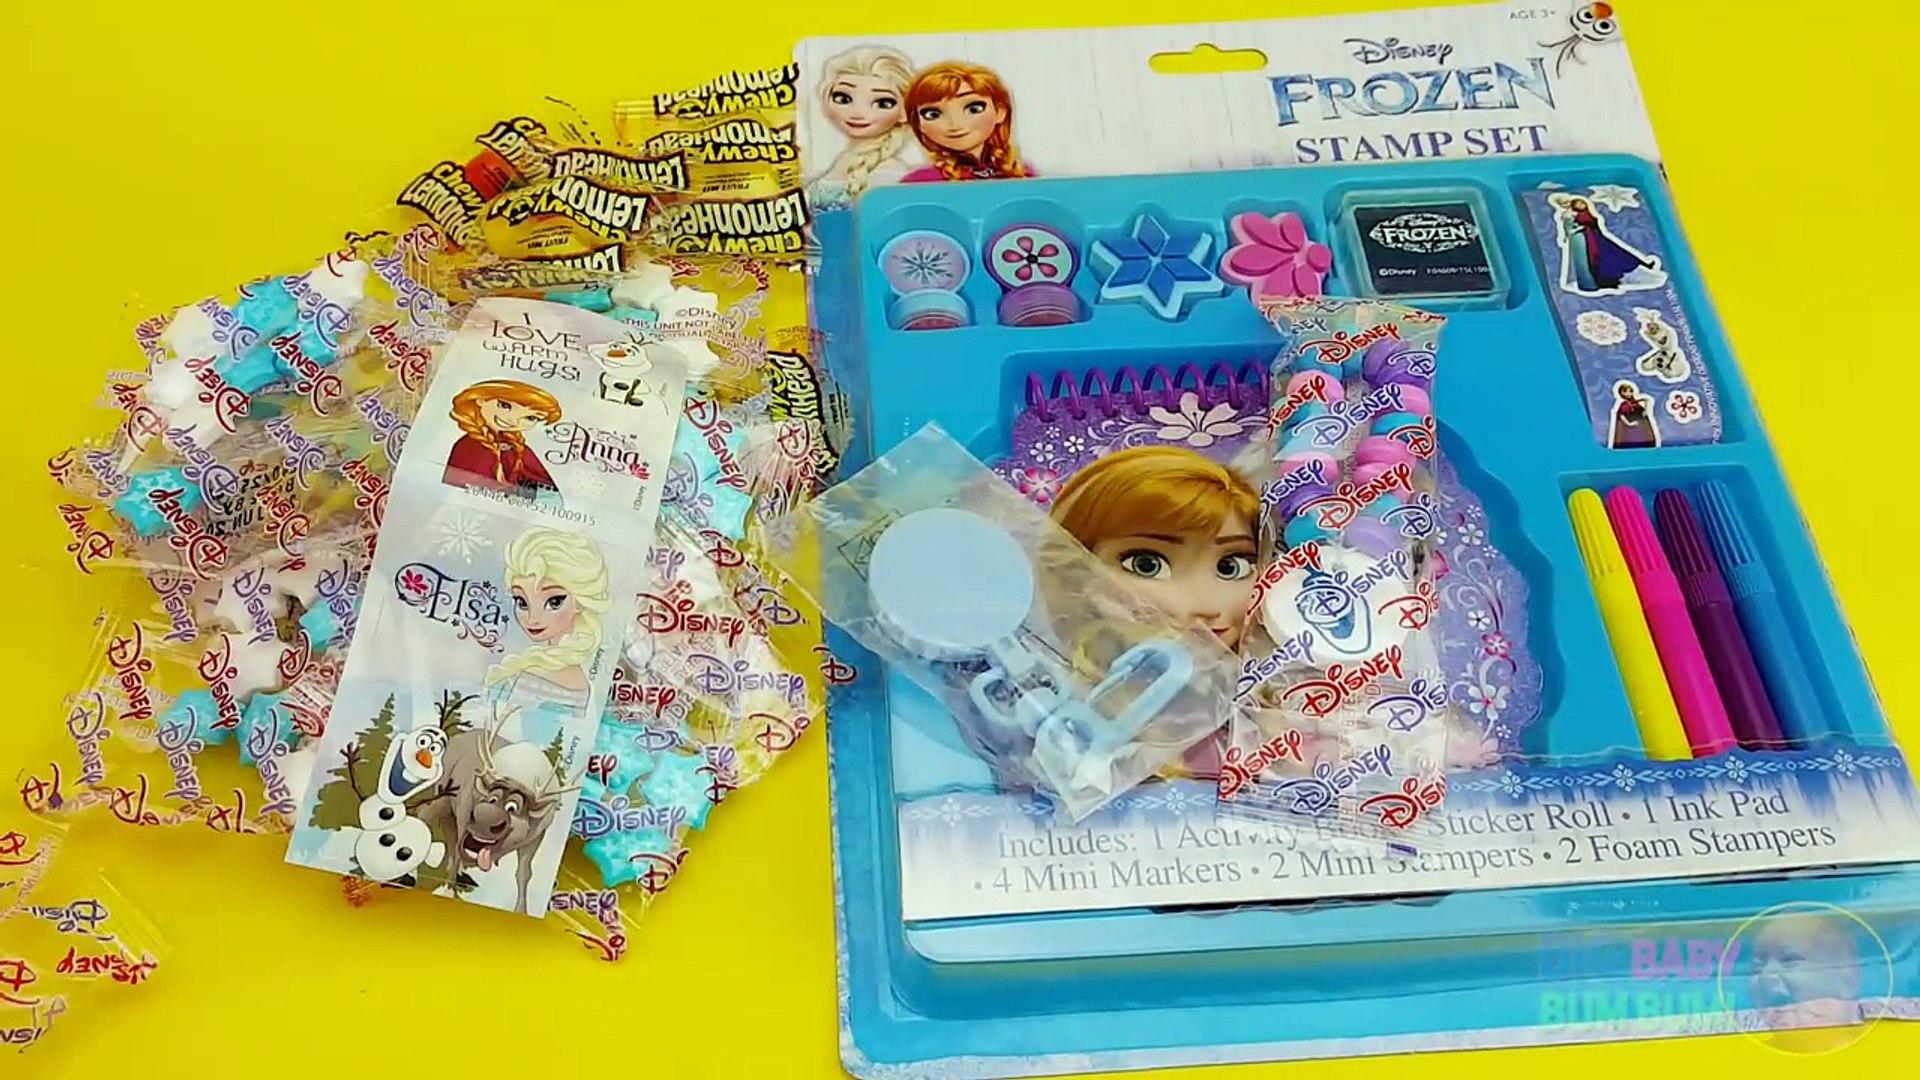 Замороженные Партии Дисней! Открываем сюрприз яйцо, блокнот и марки игрушки